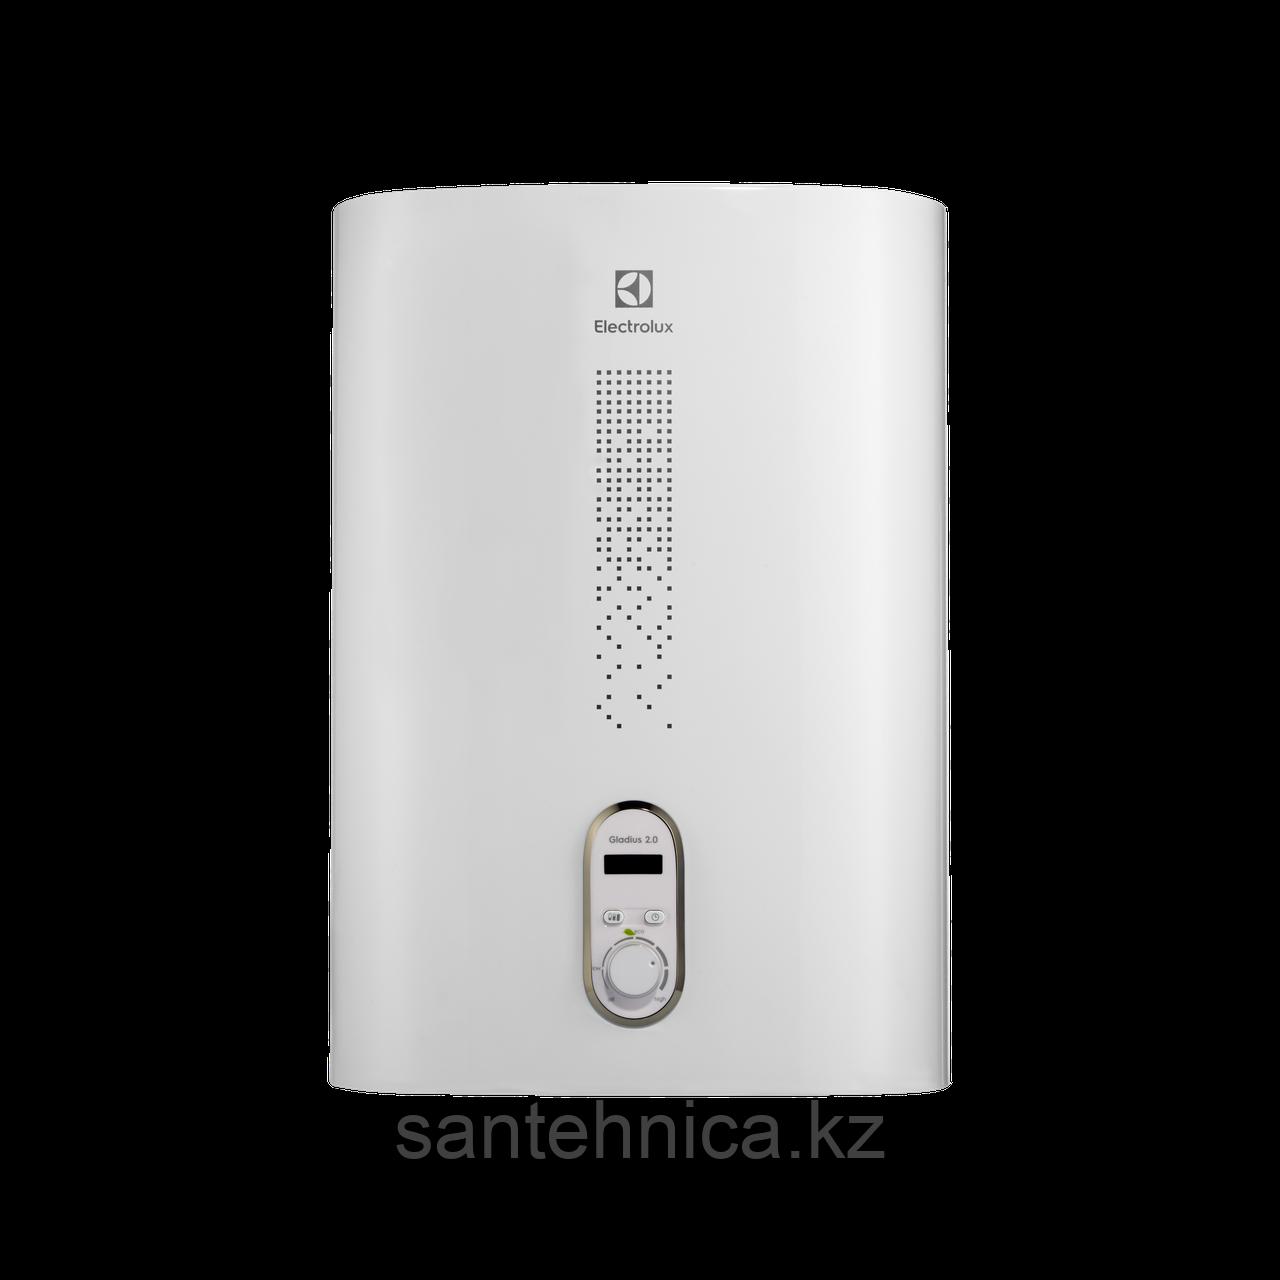 Электрический водонагреватель Electrolux EWH 30 Gladius 2.0 СУХИЕ ТЕНЫ - фото 1